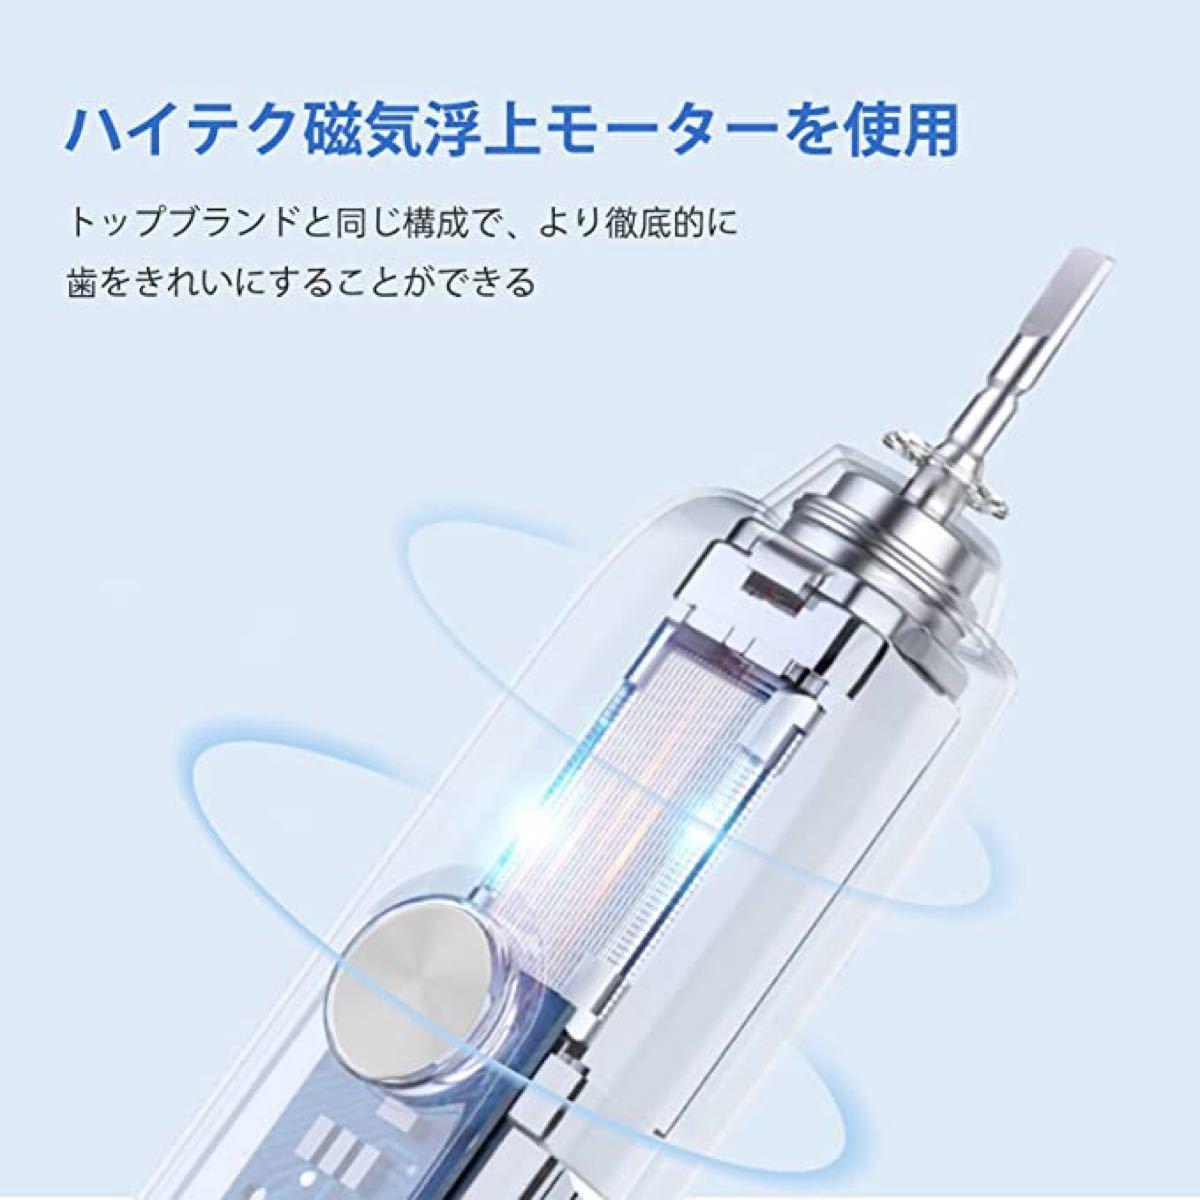 電動歯ブラシ 音波歯ブラシ ソニック USB充電式 IPX7防水 替えブラシ5本 5つのモード 歯ブラシ 電動歯磨き